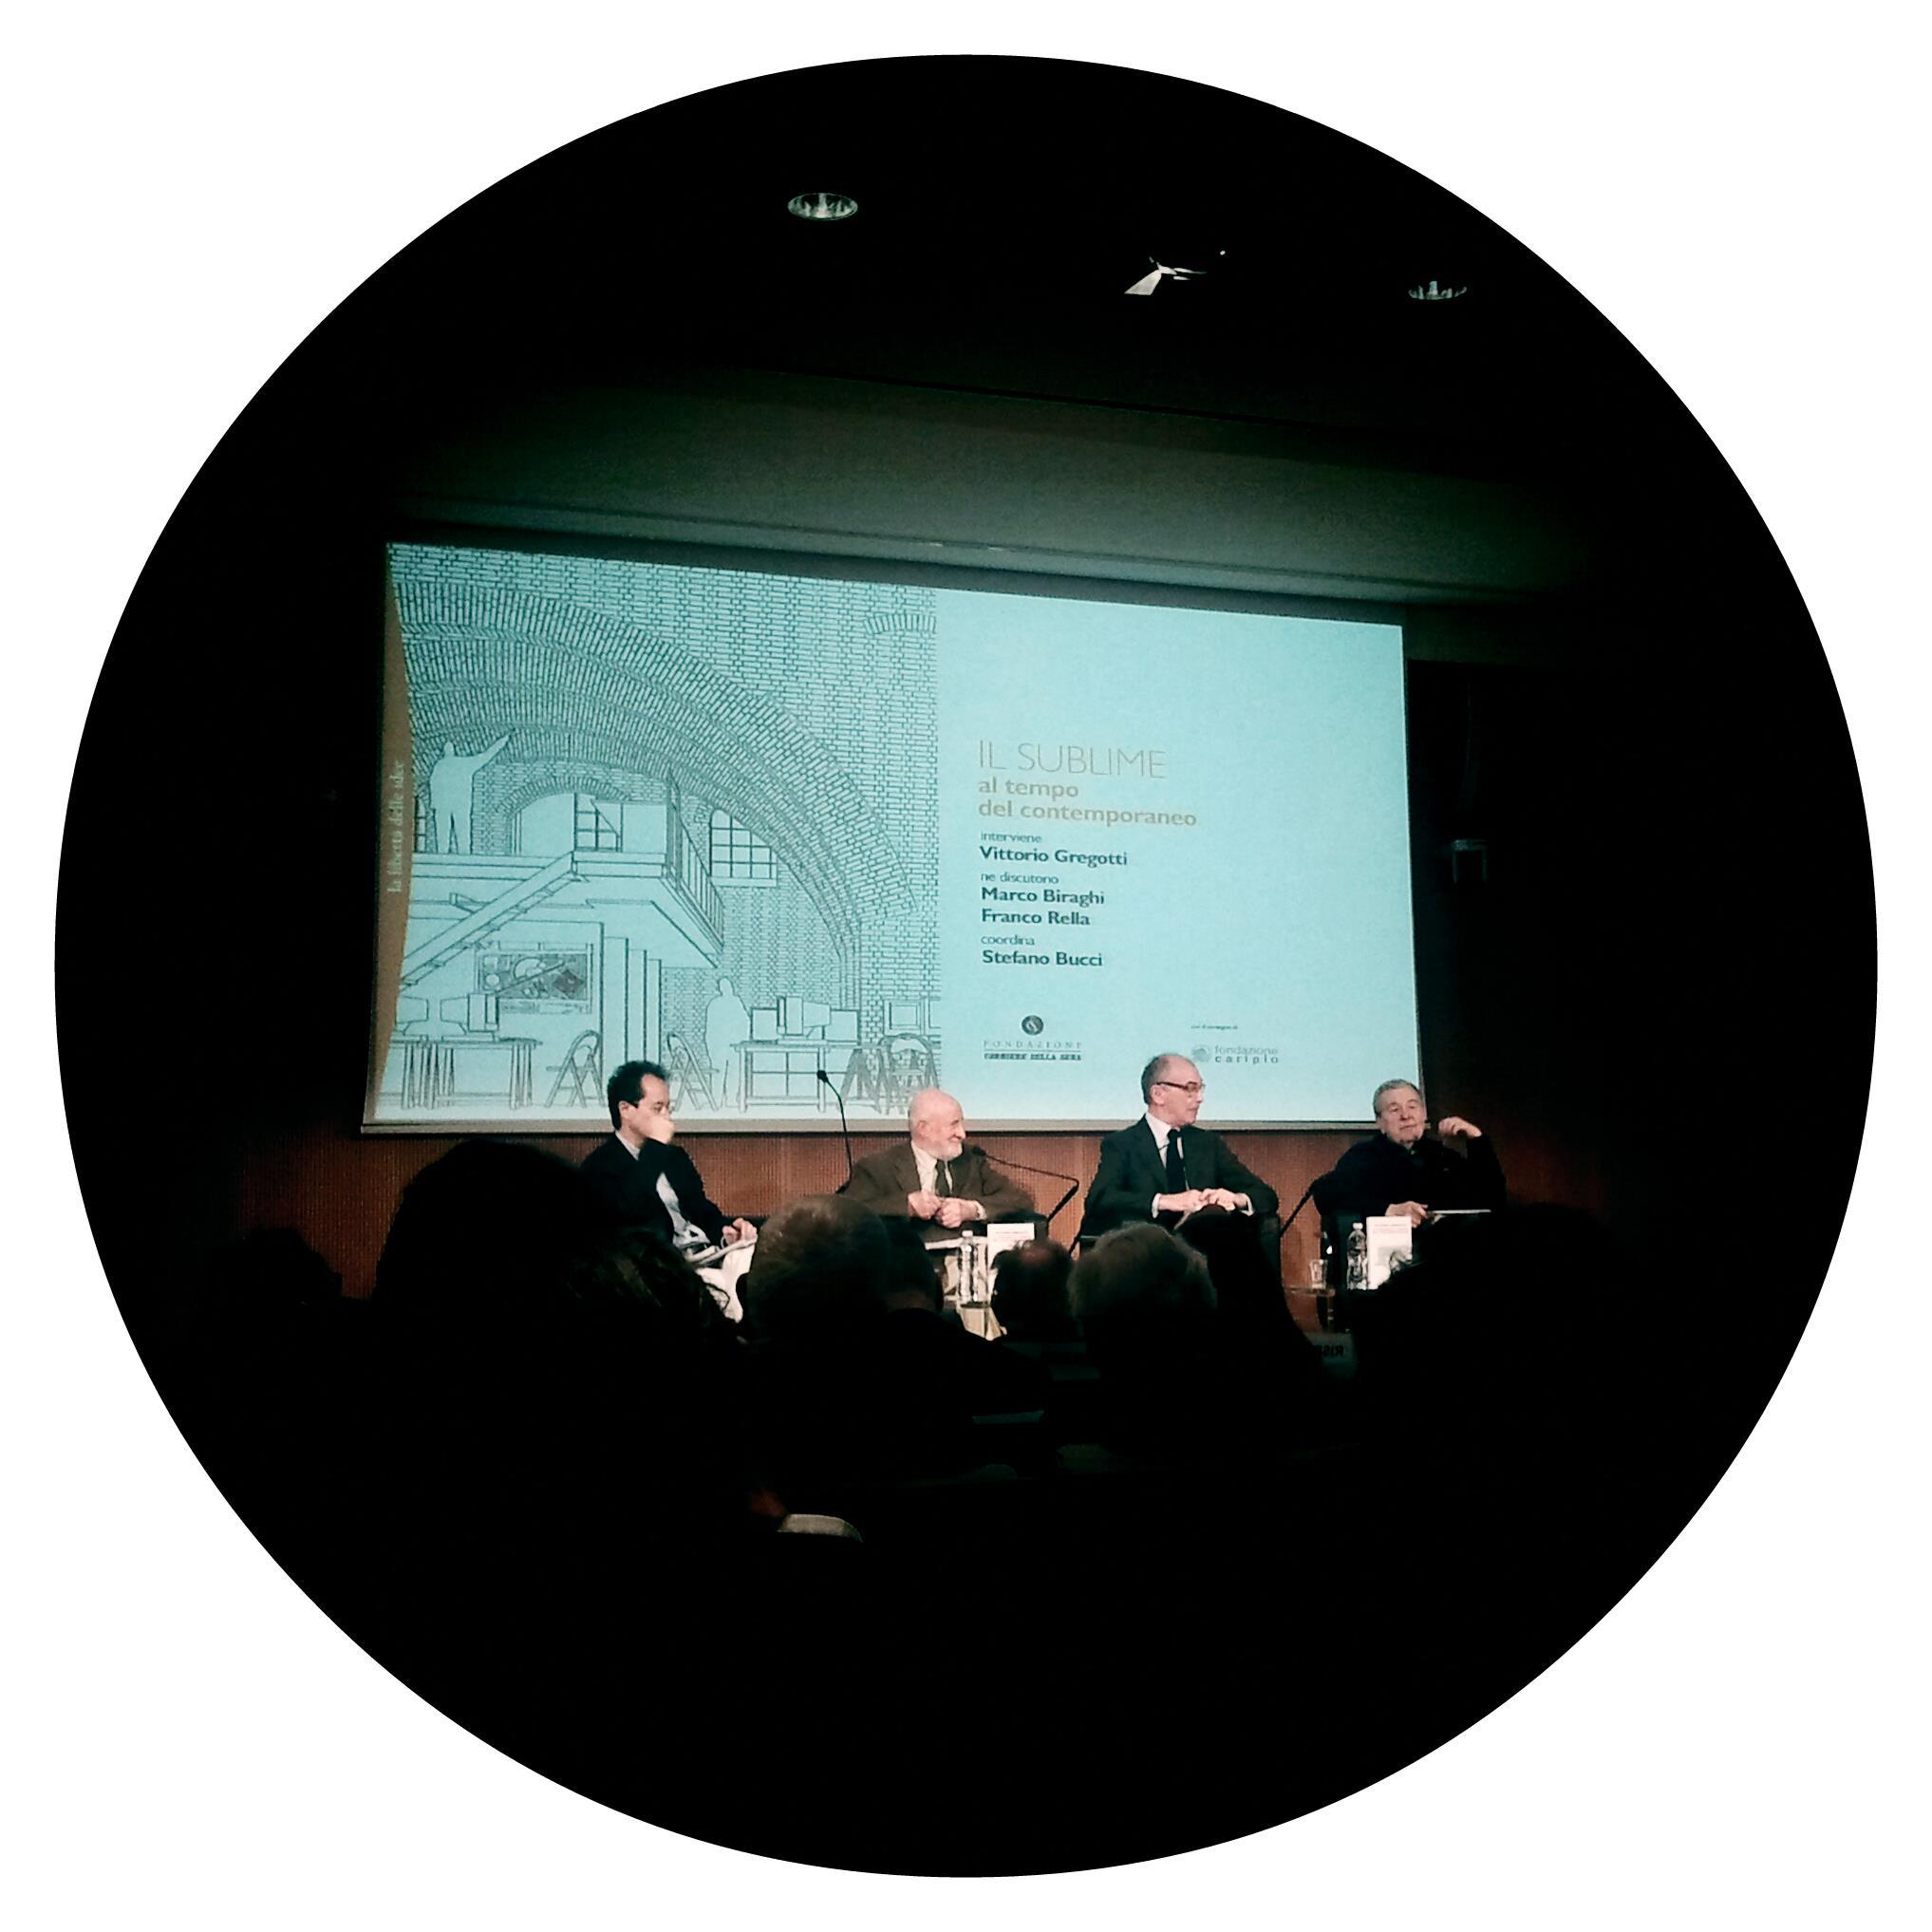 Gizmo architecture research criticism books and news for Il territorio dell architettura vittorio gregotti